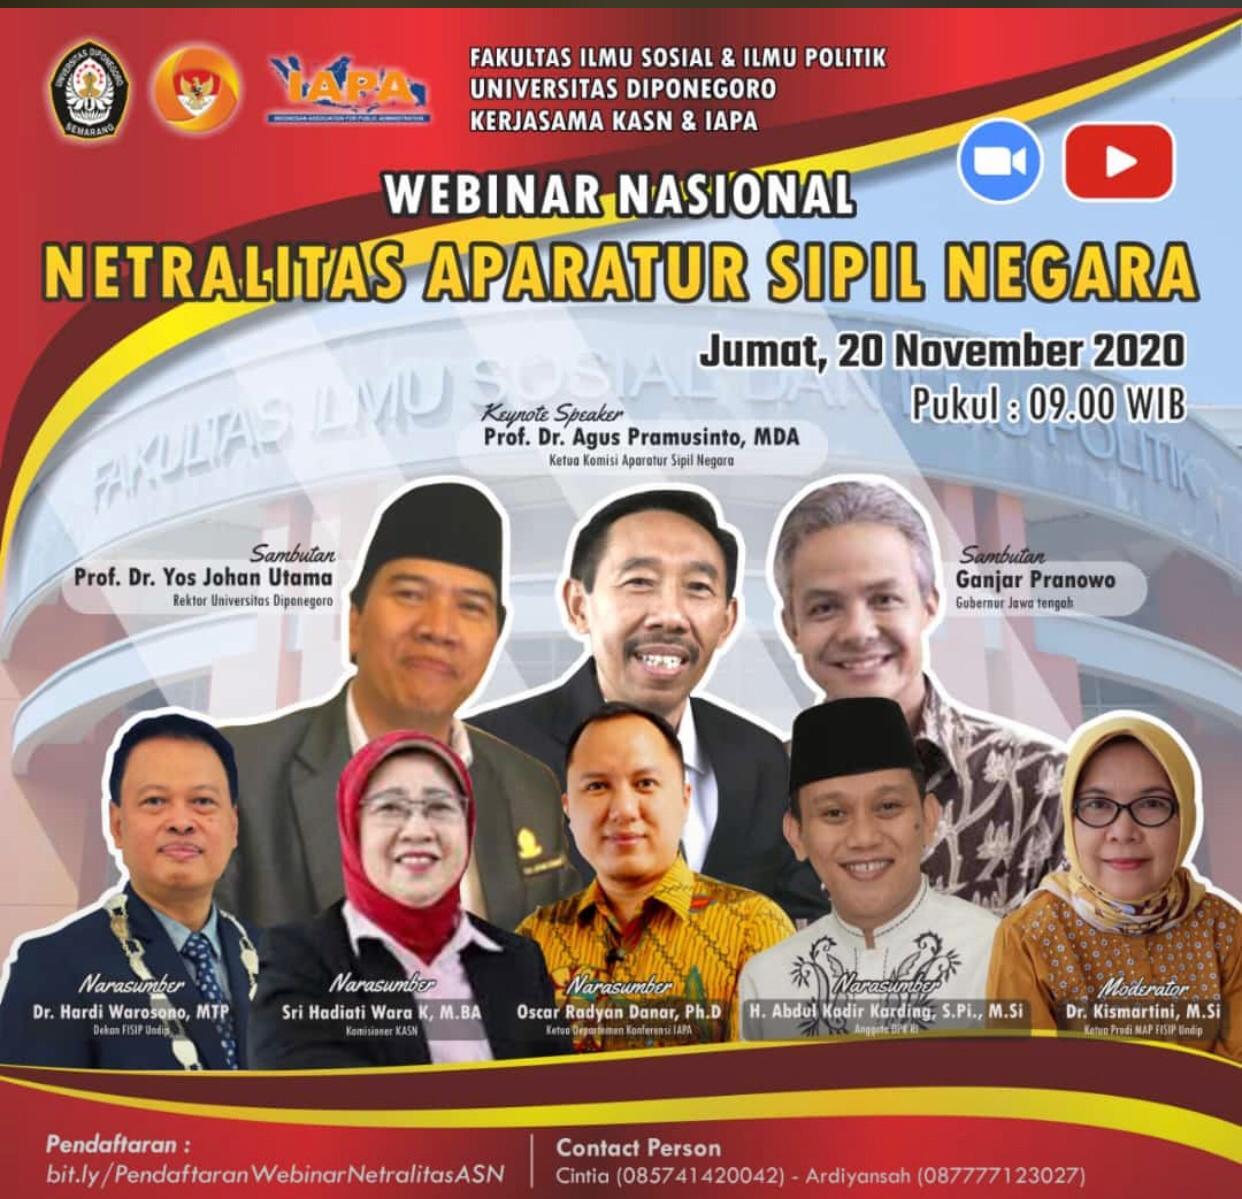 WEBINAR NASIONAL NETRALISASI APARATUR SIPIL NEGARA